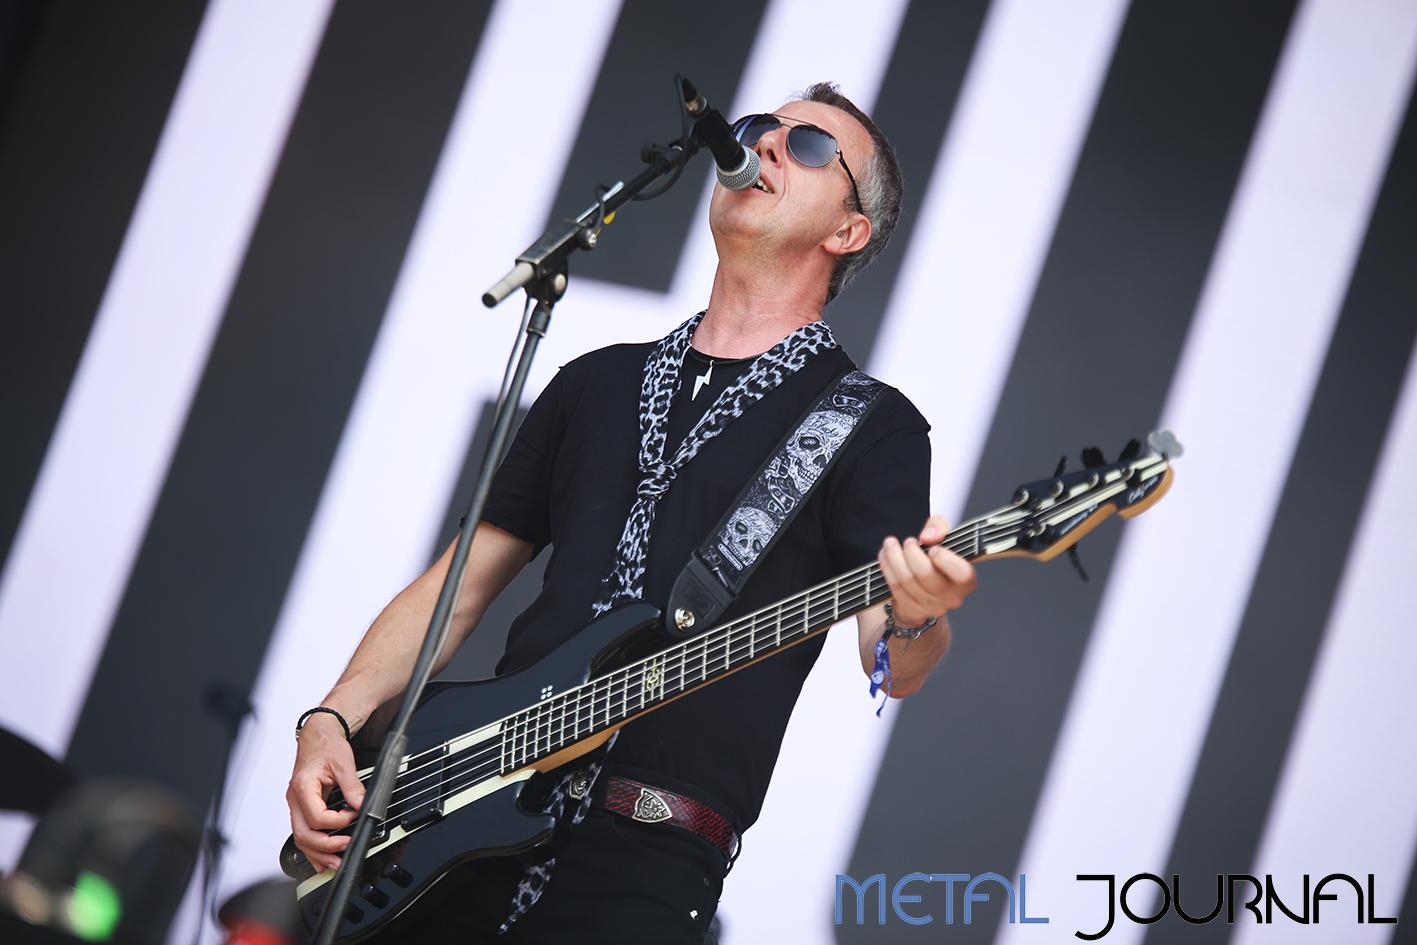 thunder - metal journal rock fest barcelona 2019 pic 3